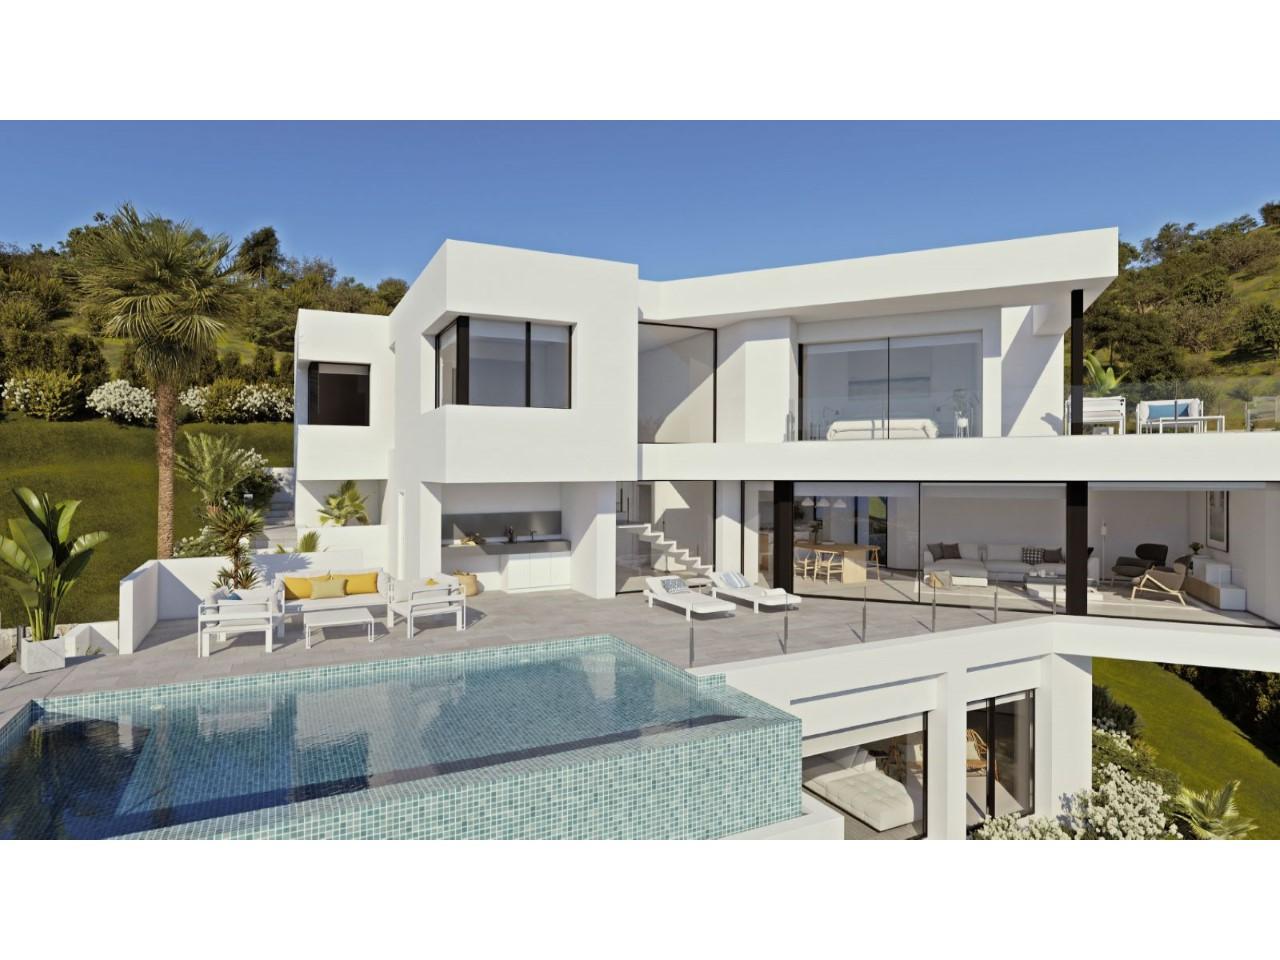 Magnifique villa située dans la plus belle région de la Costa Blanca